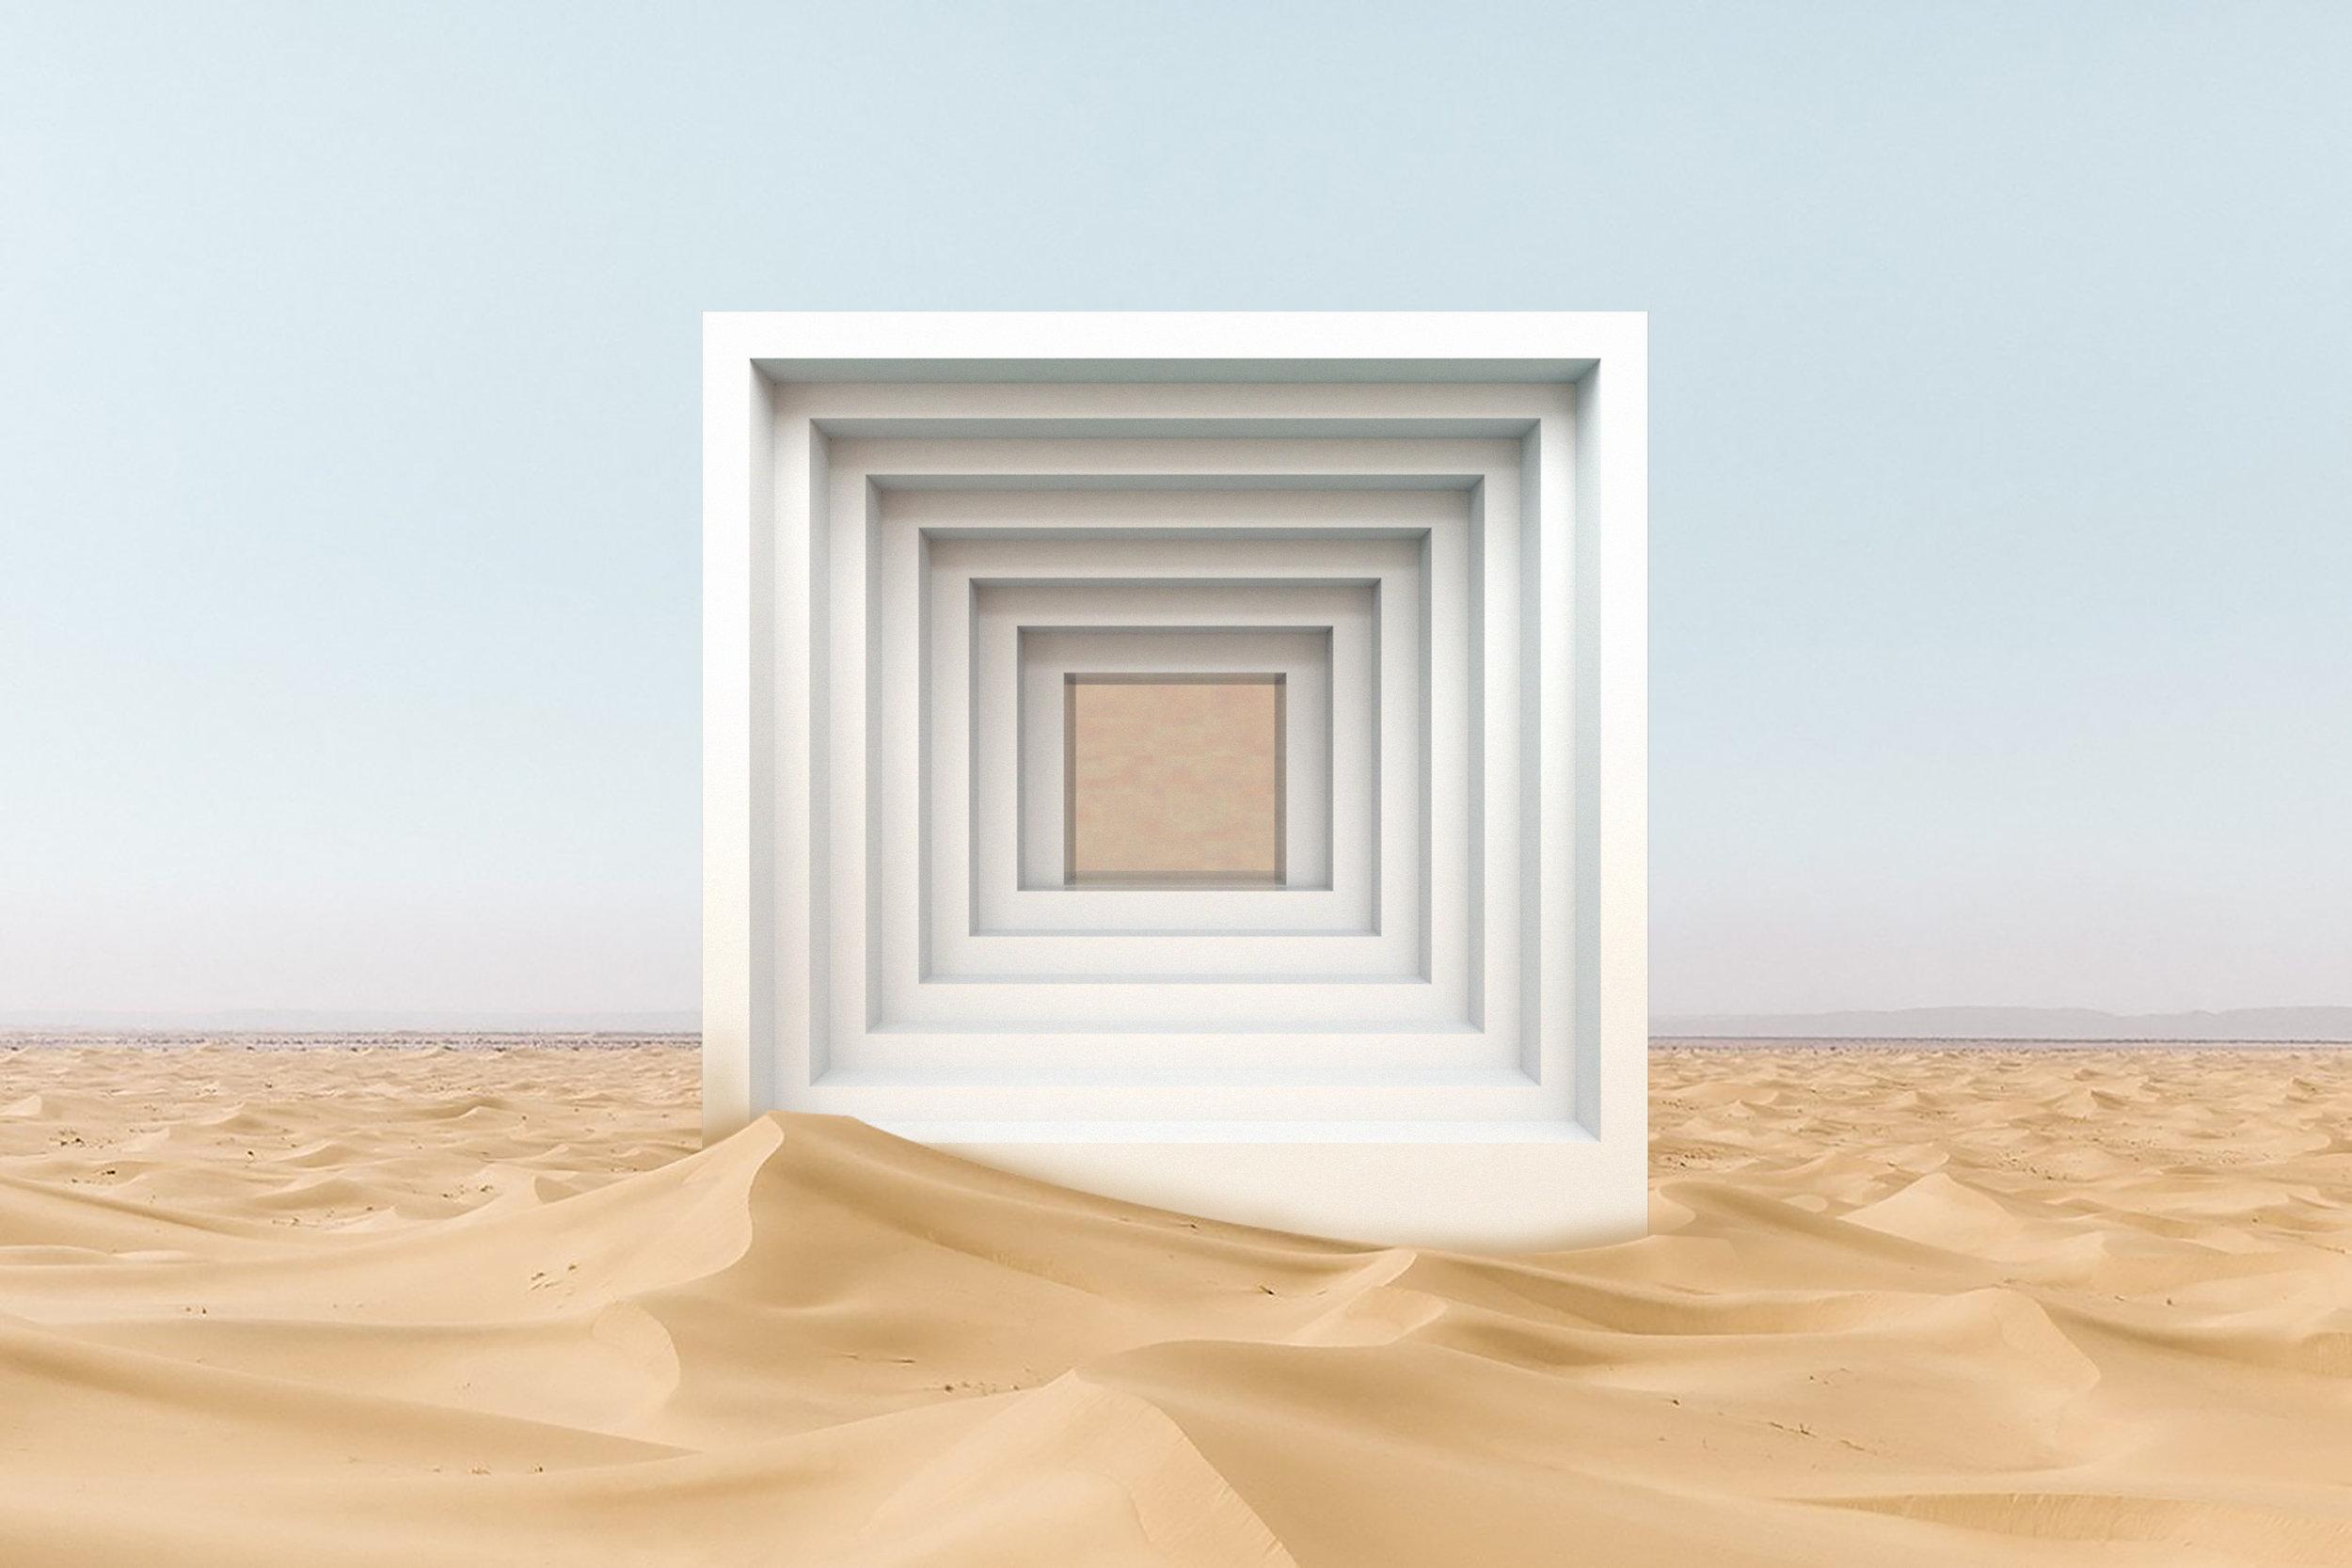 Entrance02_01.jpg